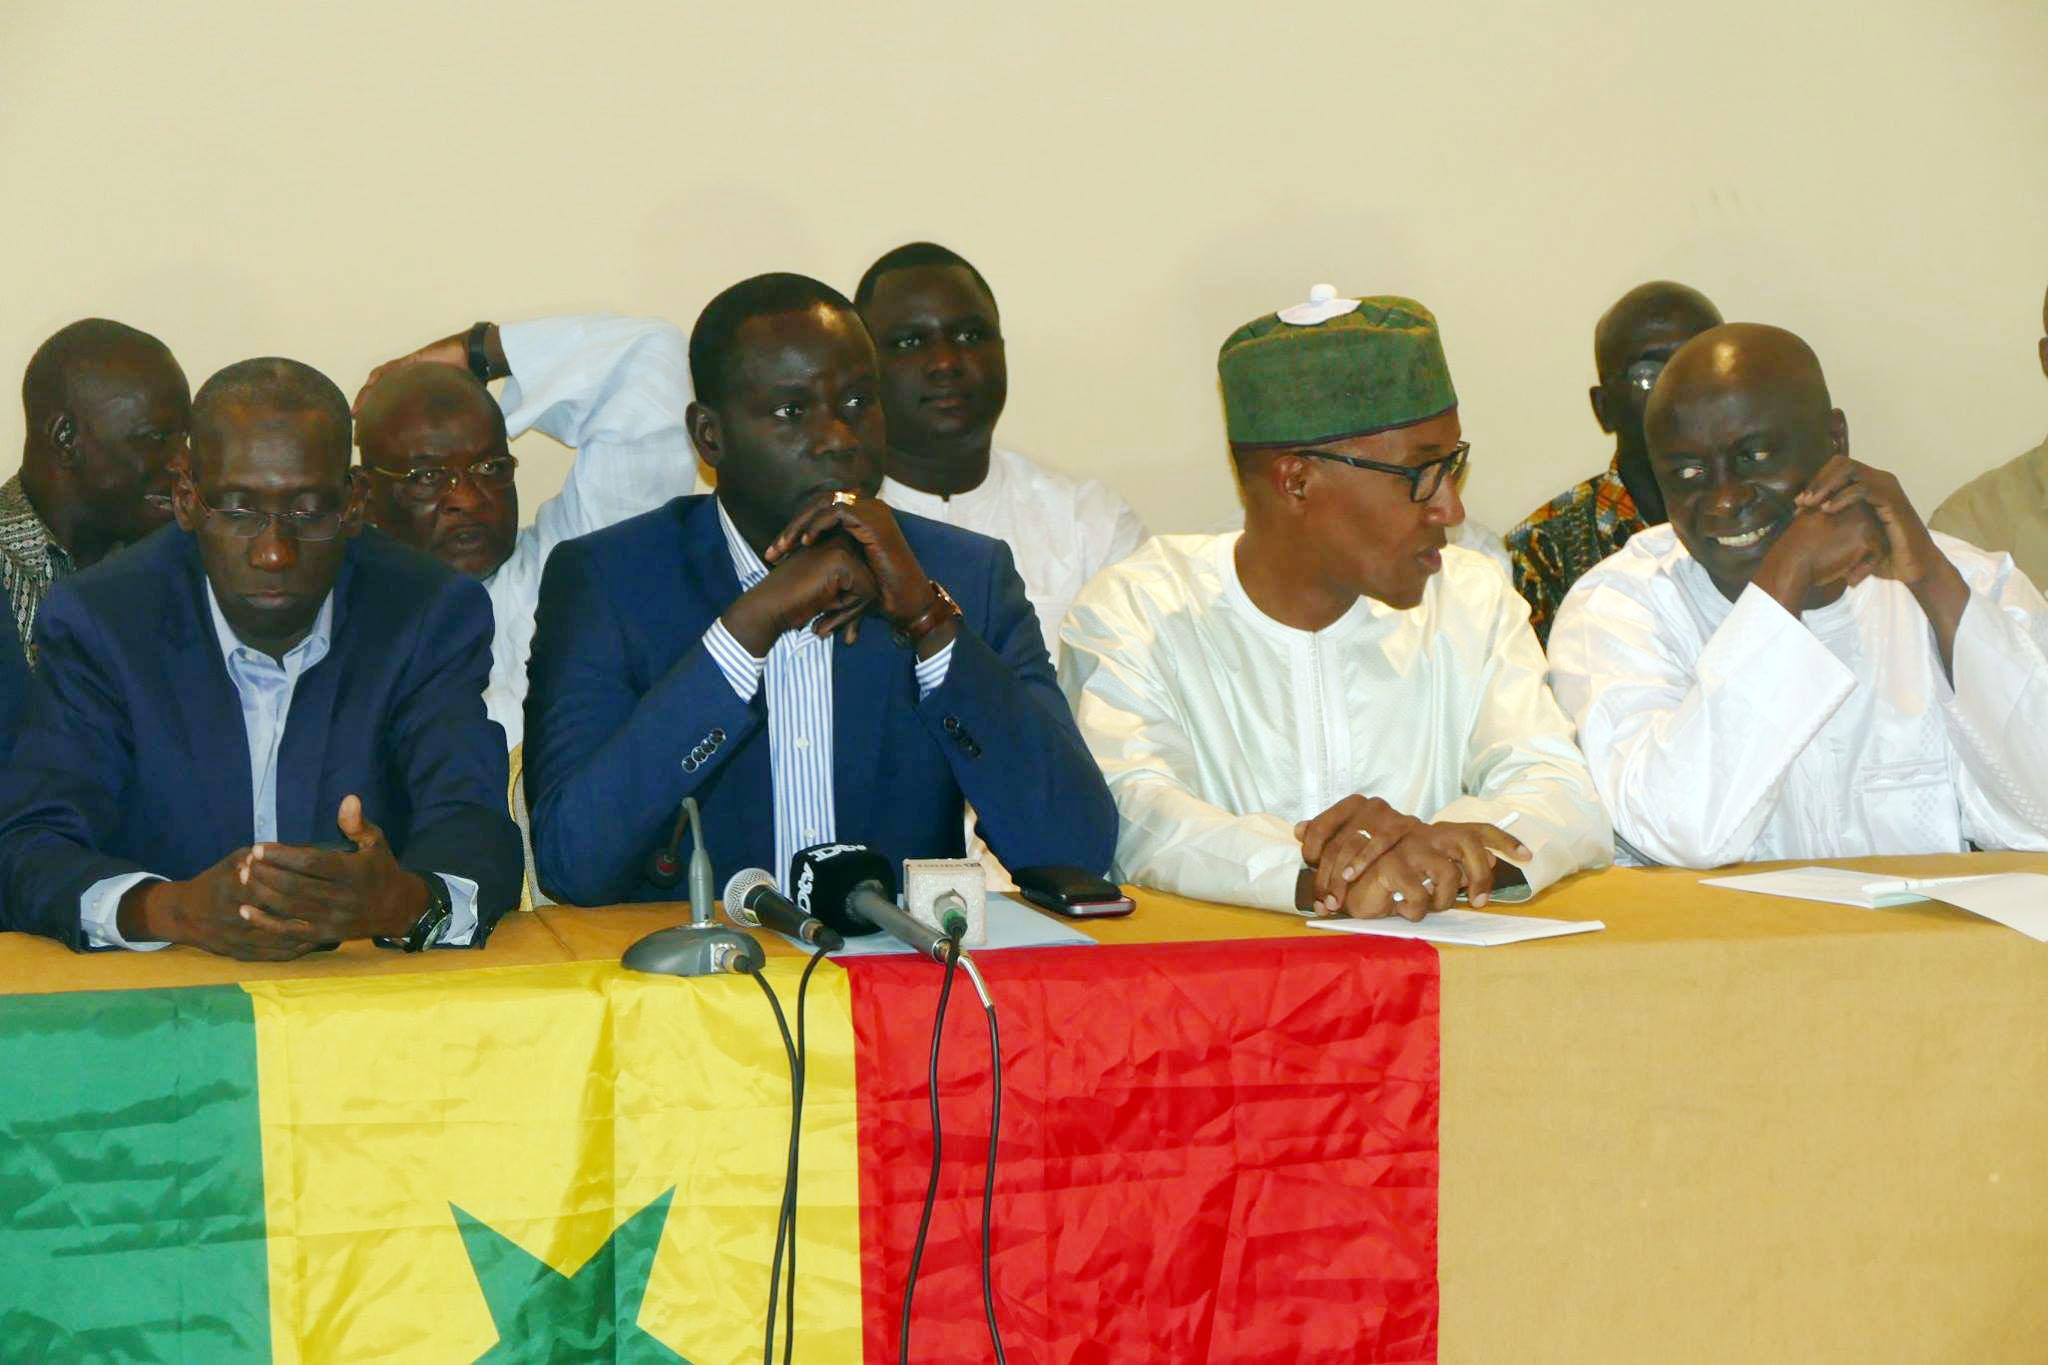 Le Front pour la Défense du Sénégal / Mànkoo Wattu Senegaal est une plateforme qui est composée de partis politiques, de groupe de partis politiques, de mouvements citoyens, de syndicats et personnalités indépendantes.